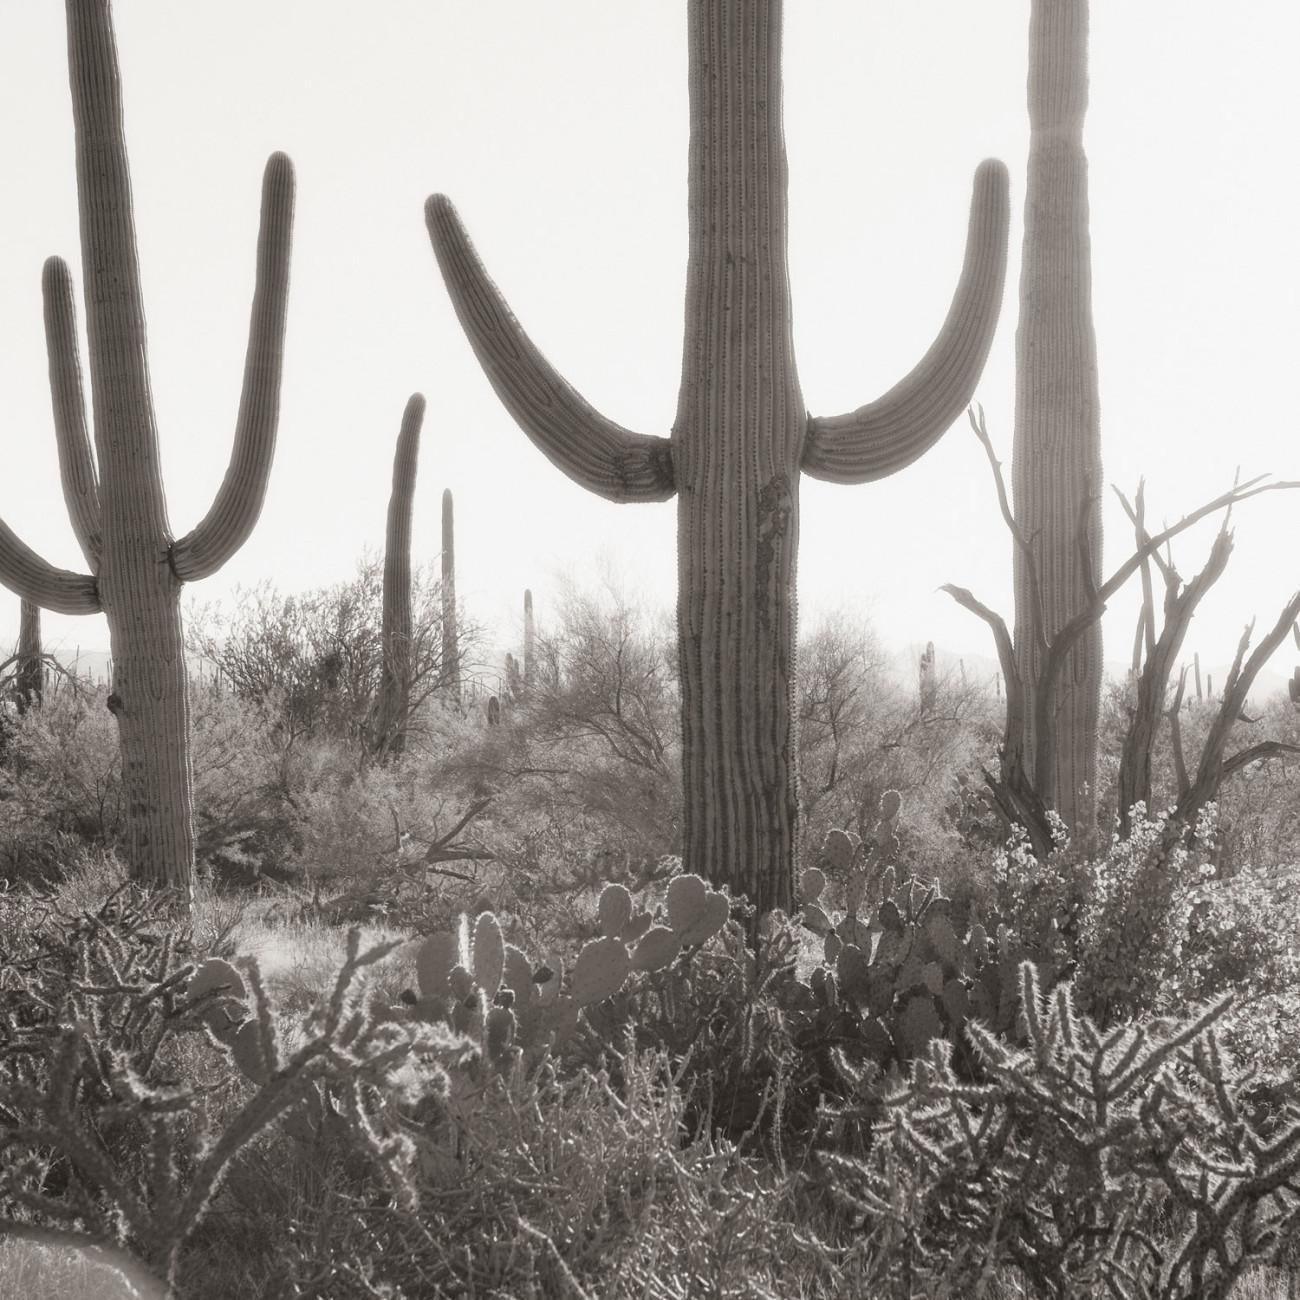 Saguaro cacti (study 2), Arizona, 2008